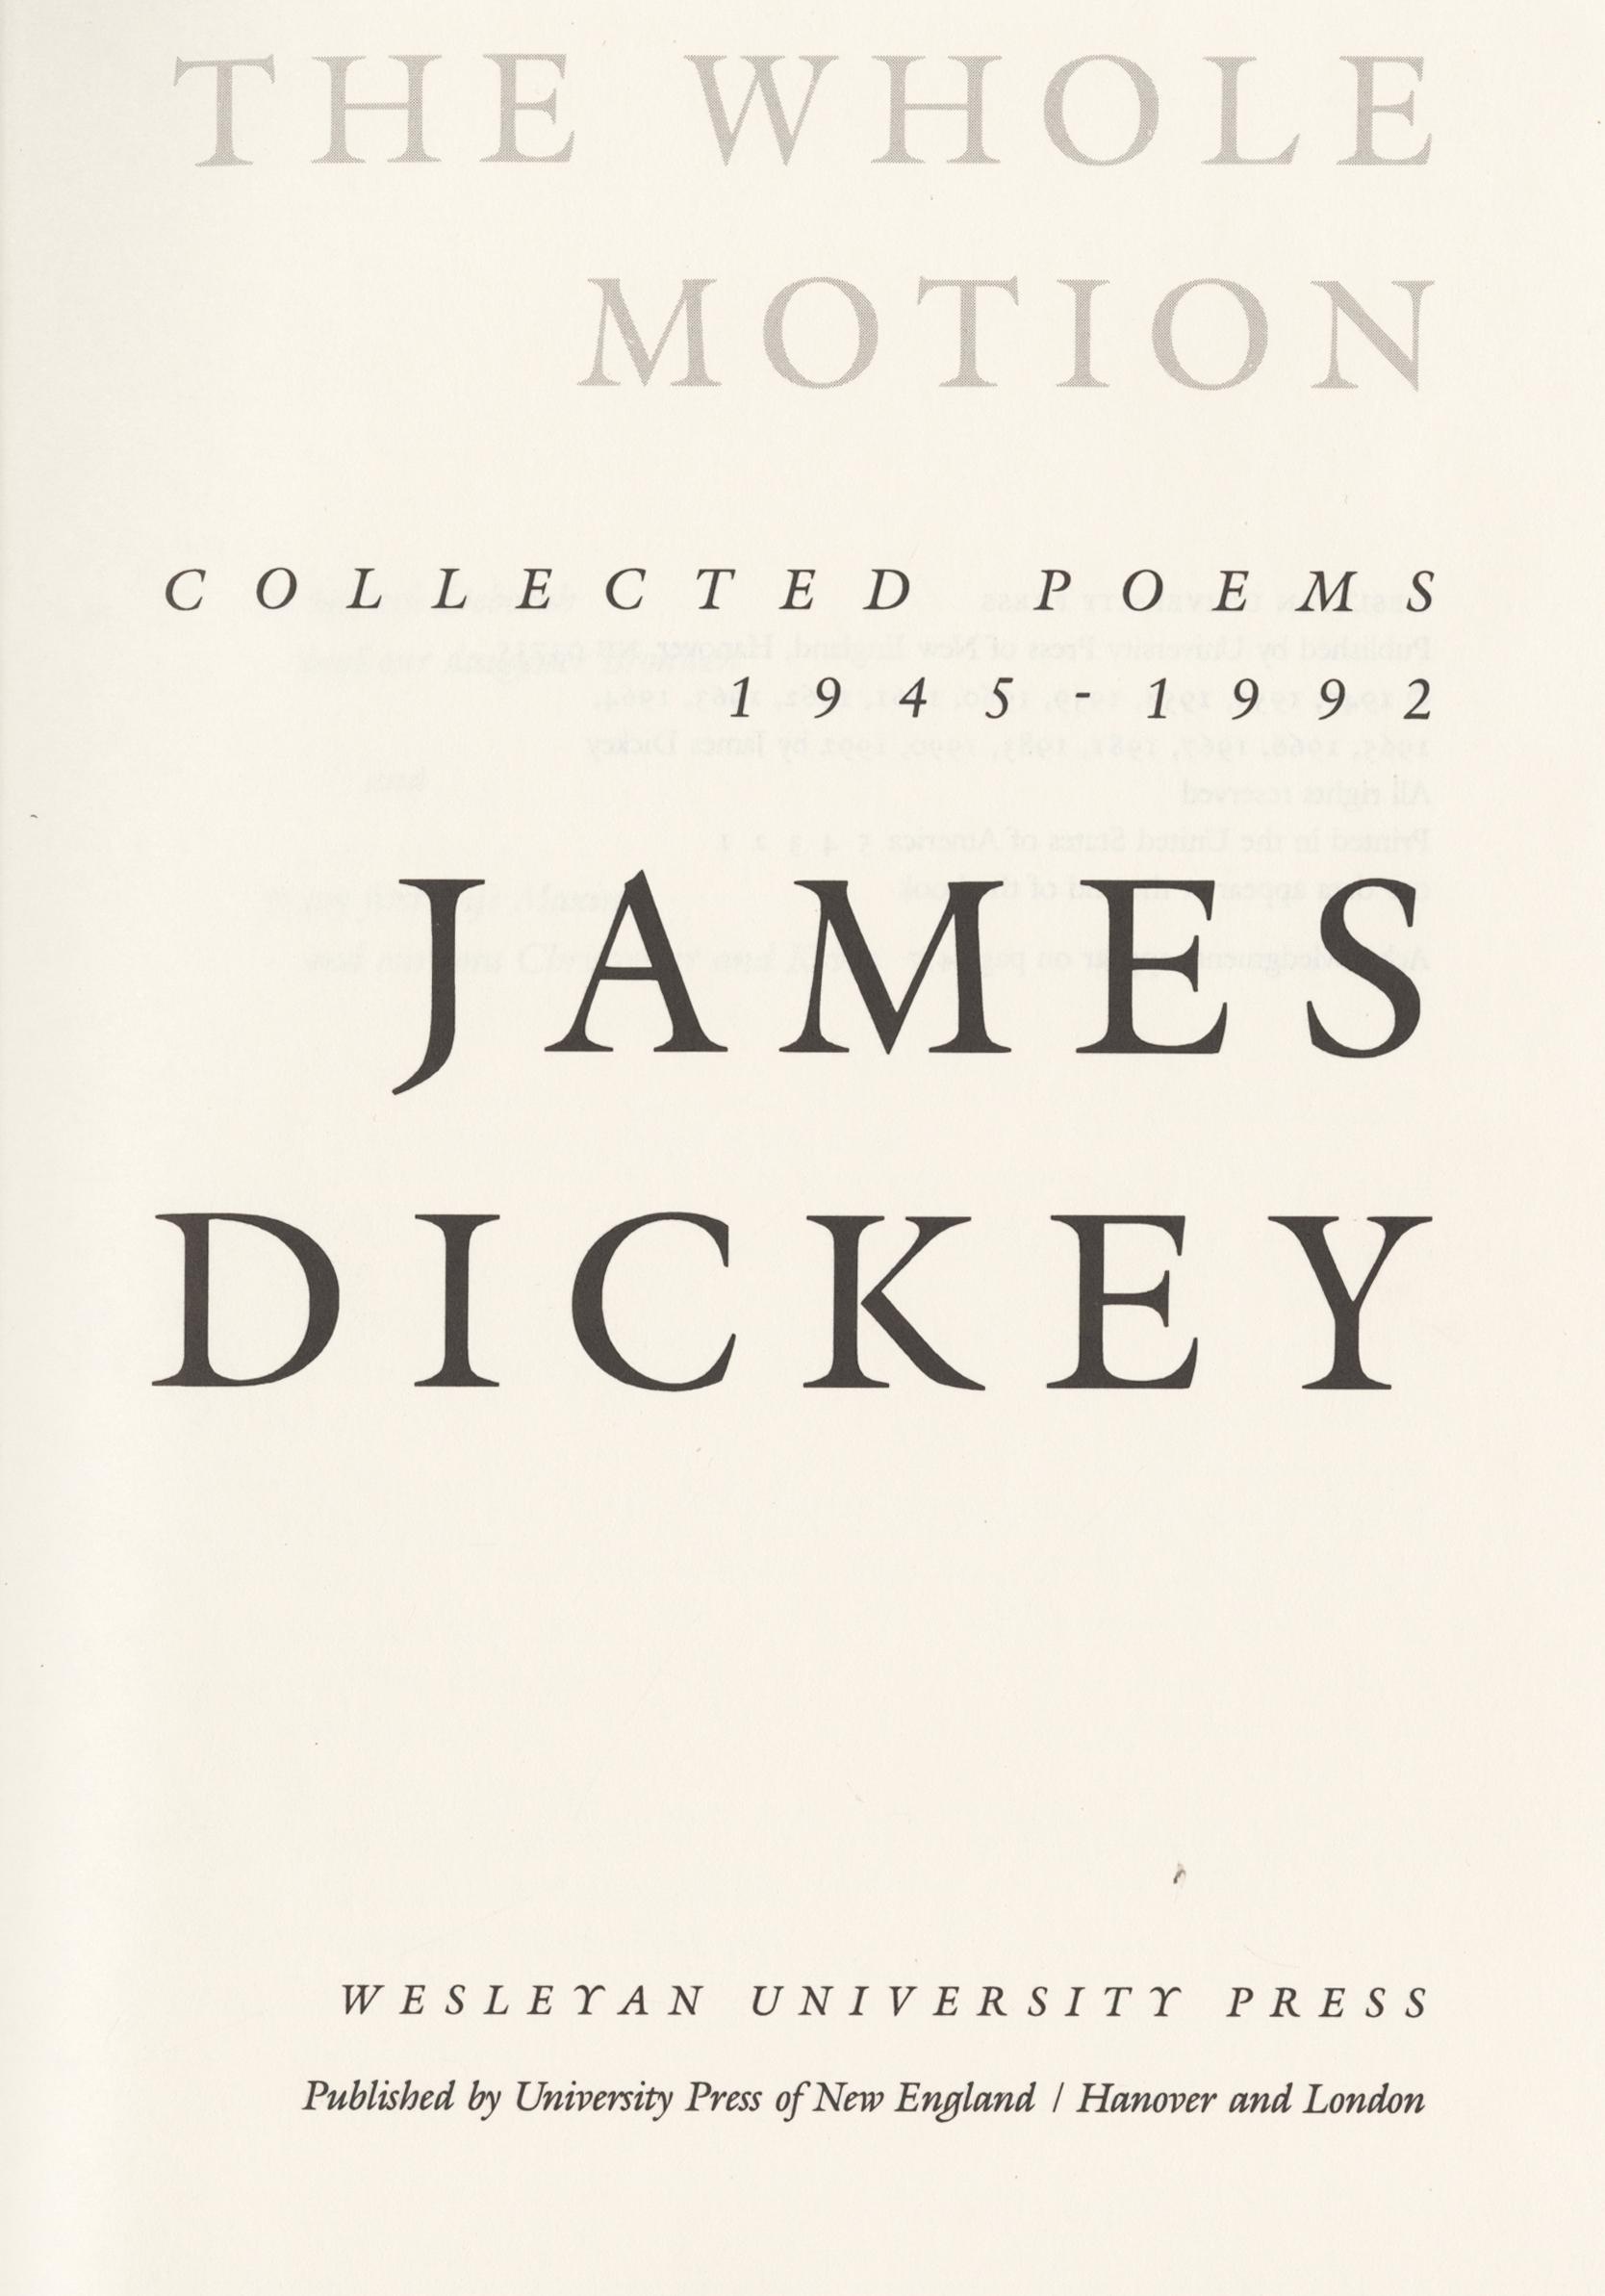 PS3554 I32 A17 1992_Dickey Whole Motion_001.jpg